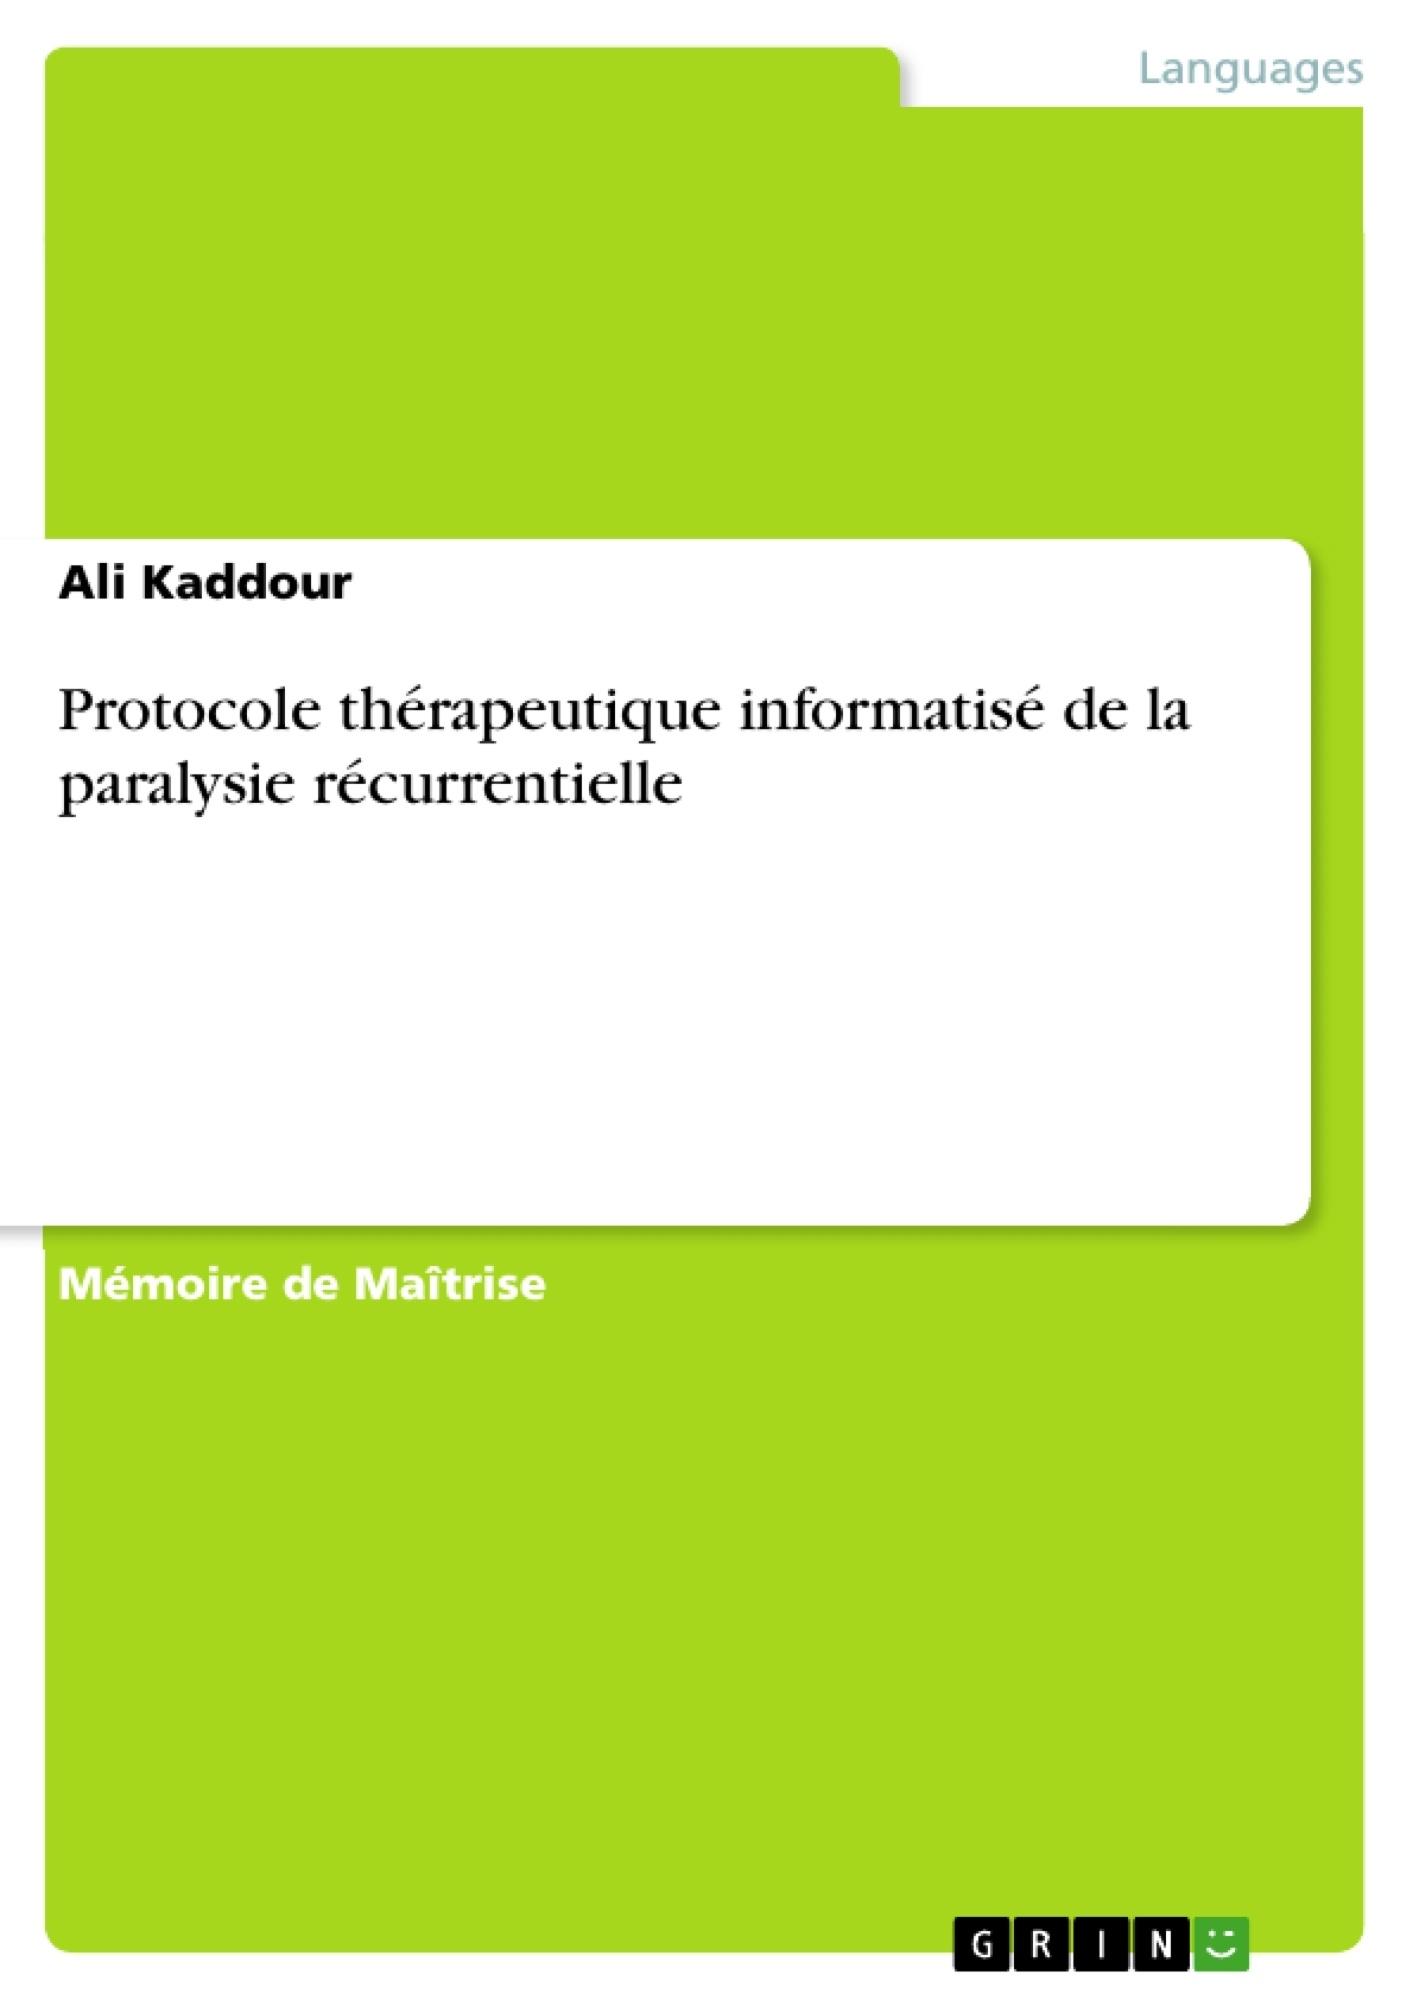 Titre: Protocole thérapeutique informatisé de la paralysie récurrentielle